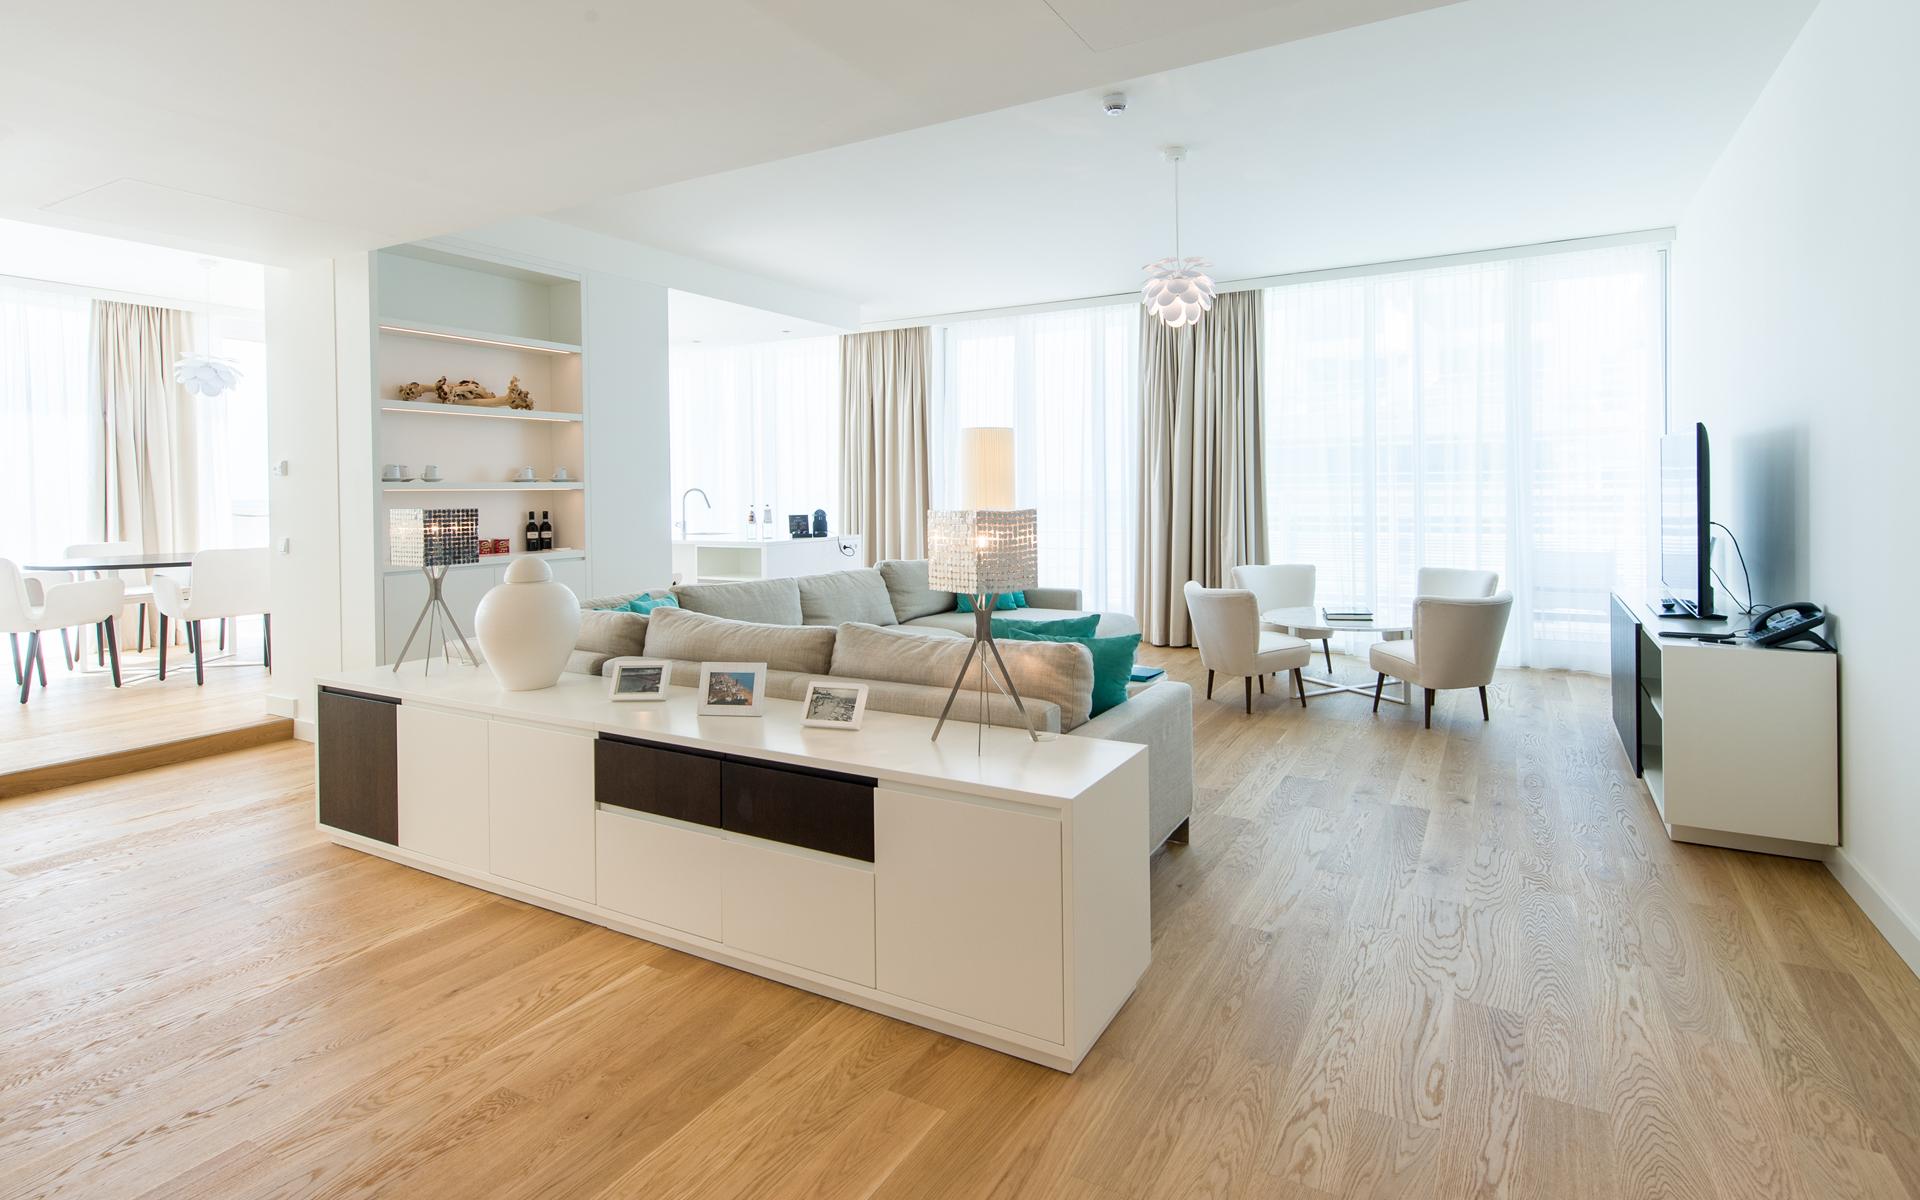 Falkensteiner-hotel-Jesolo_Italy_Italien-rooms-apartments-zimmer-oprema-hotelov_hotel-equipment_hoteleinrichtungen_7